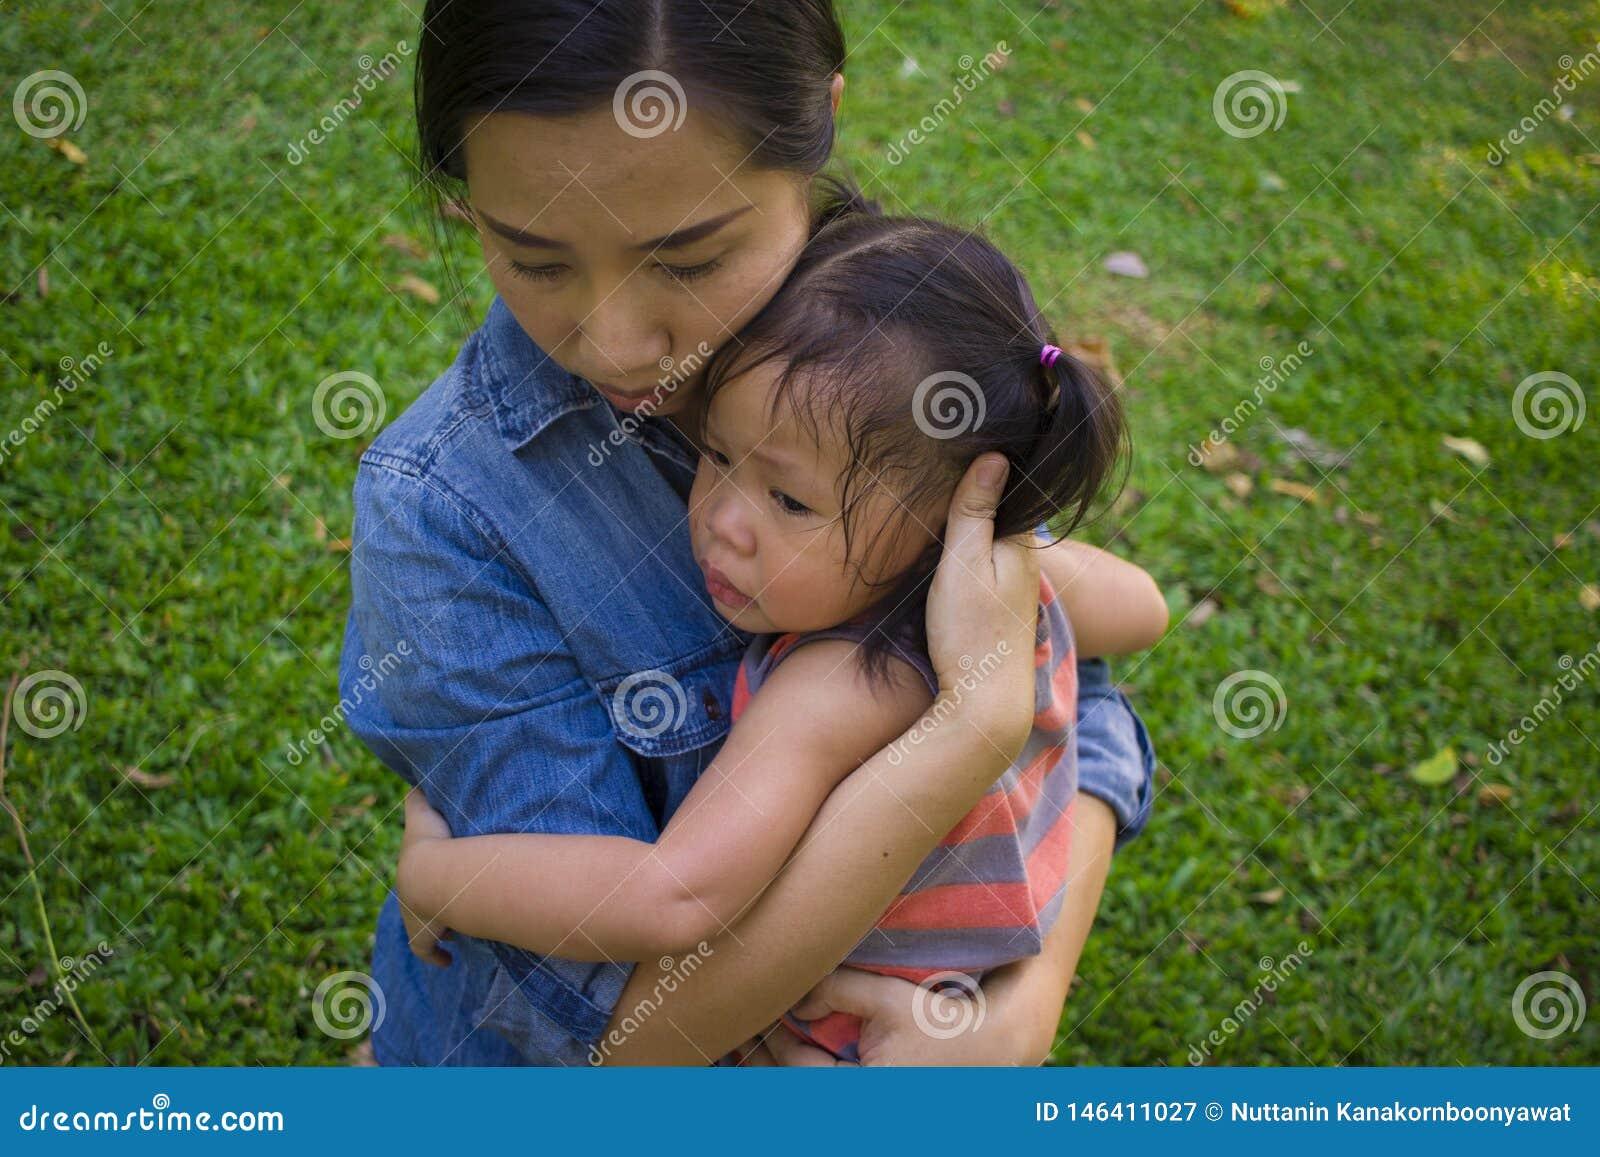 Νέα μητέρα που αγκαλιάζει και κατευναστική να φωνάξει λίγη κόρη, ασιατική μητέρα που προσπαθεί να ανακουφίσει και να ηρεμήσει κάτ